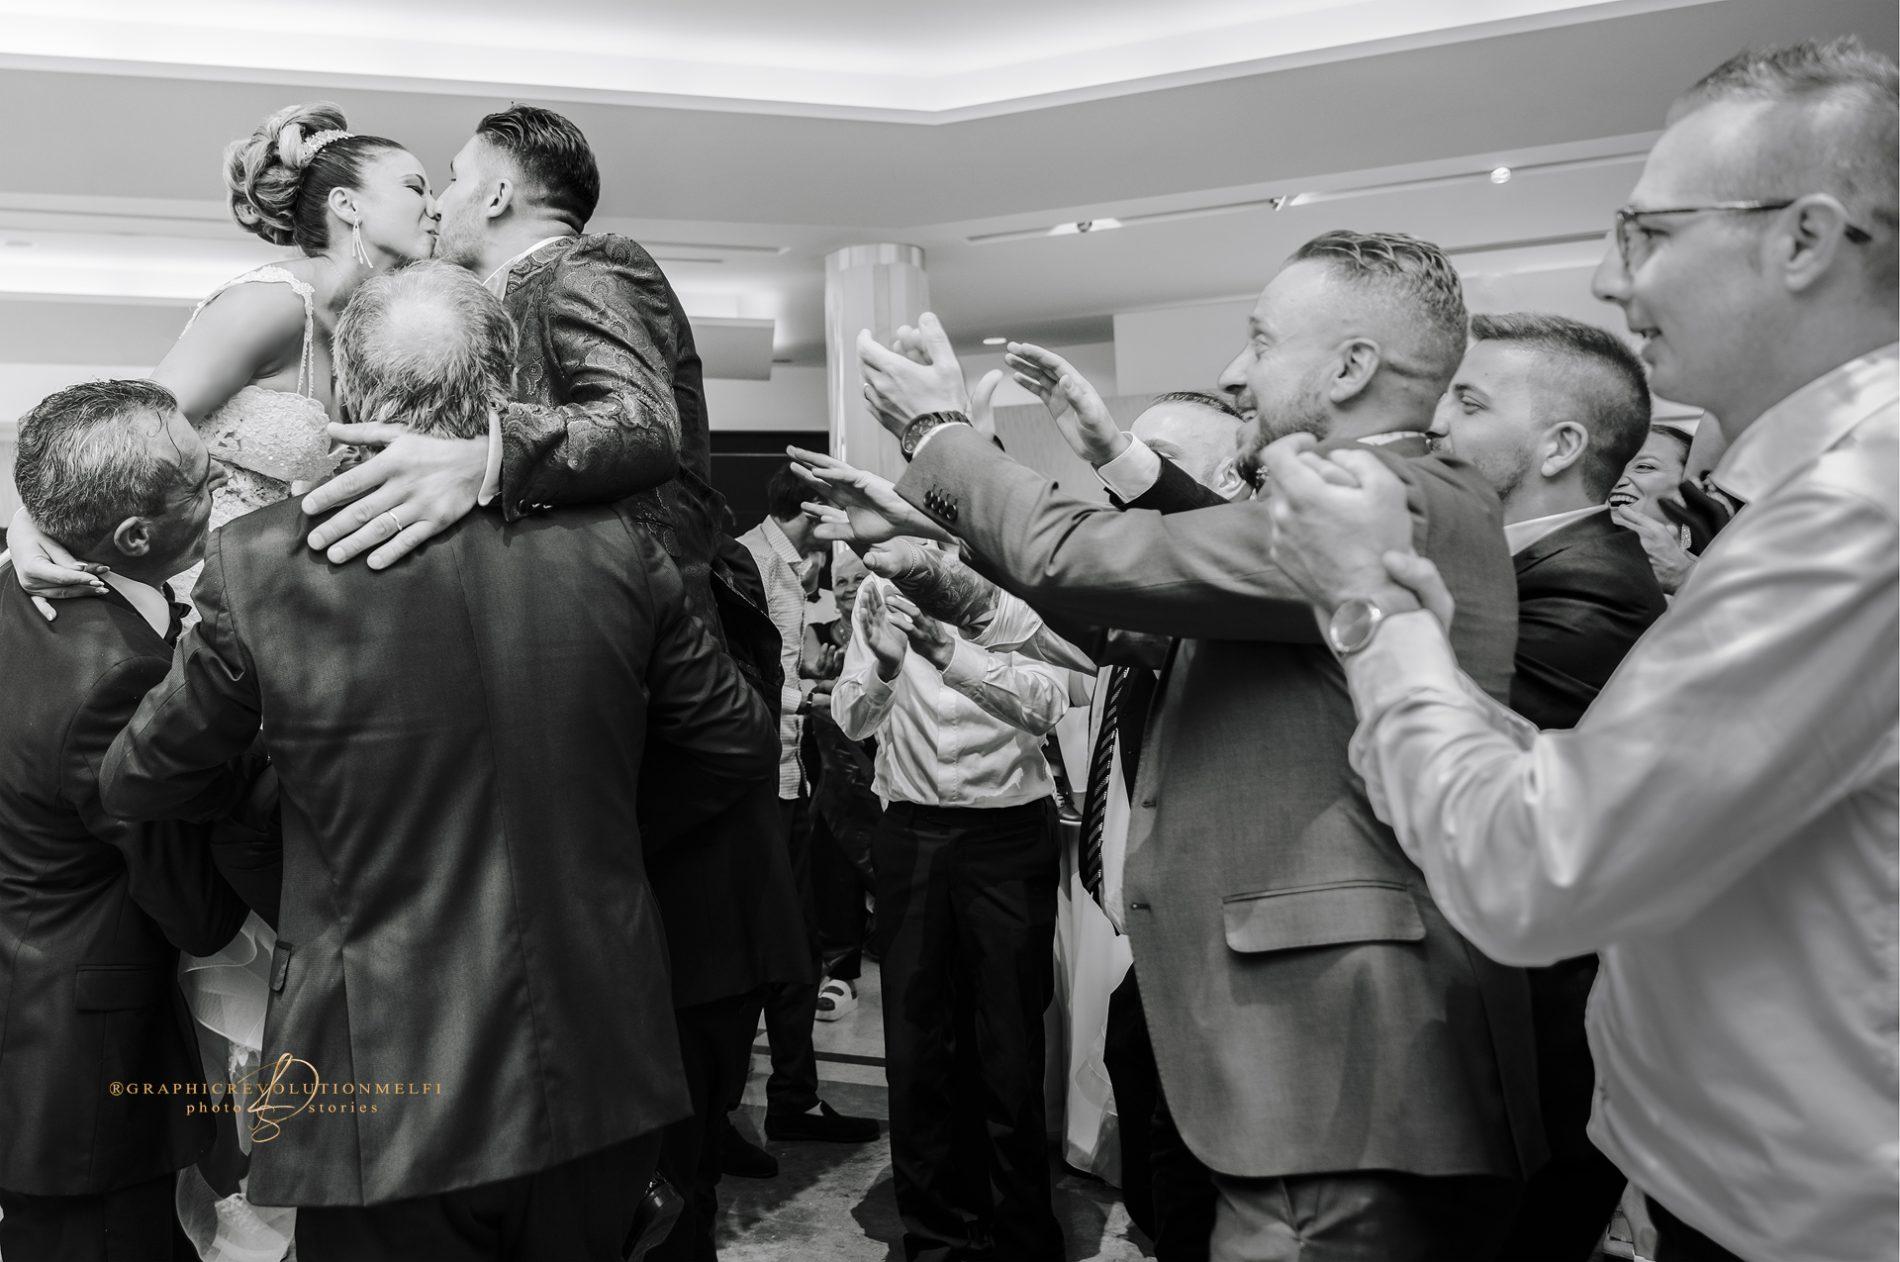 Servizio Fotografico di Matrimonio a Melfi in Basilicata foto gravidanza maternità lavello potenza prematrimoniale matrimonio potenza elopement wedding graphicrevolutionmelfi photography marriage destinationwedding italywedding italy wedding italia matrimoni graphic revolution melfi